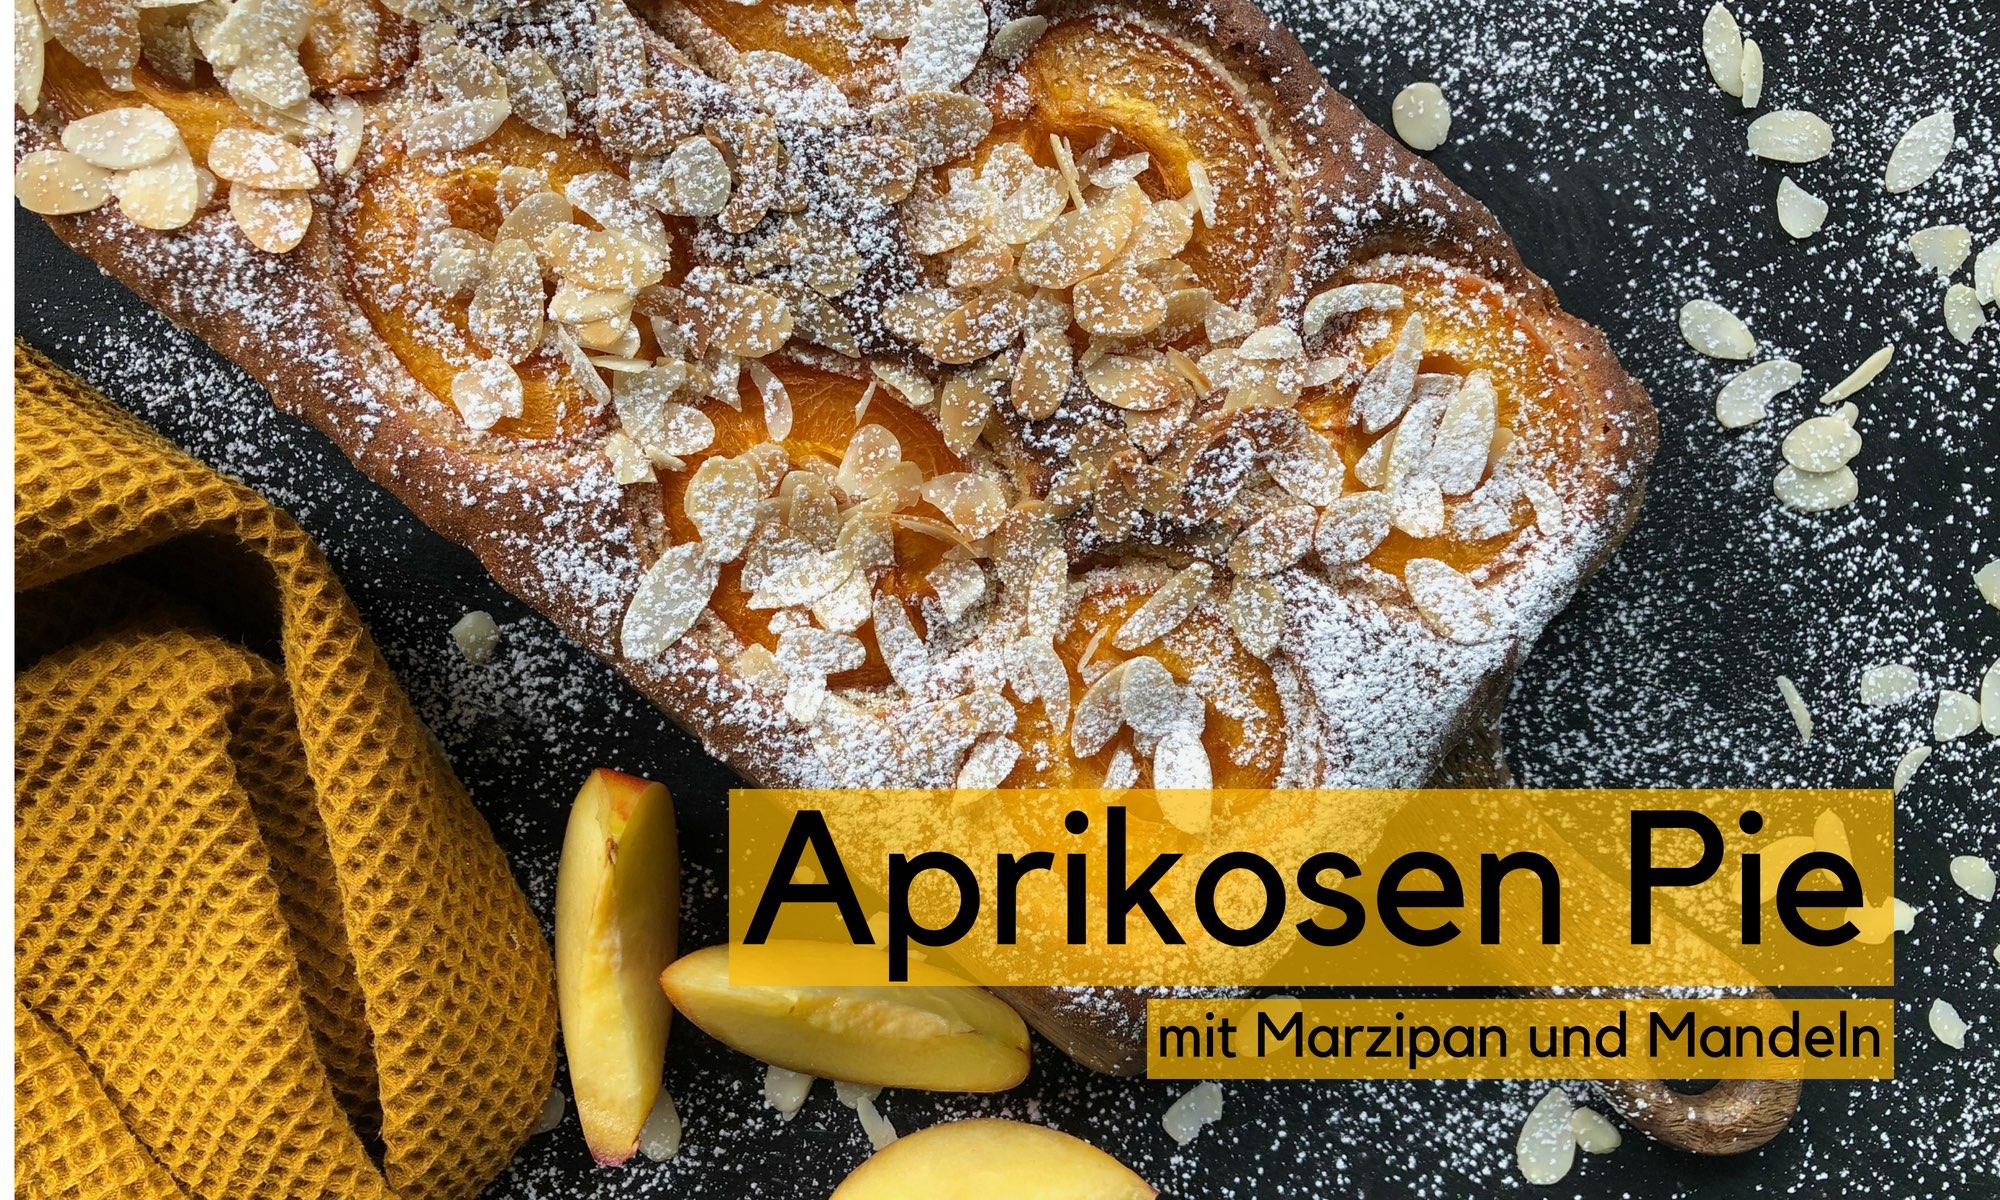 Aprikosen Pie mit Marzipan und Mandeln